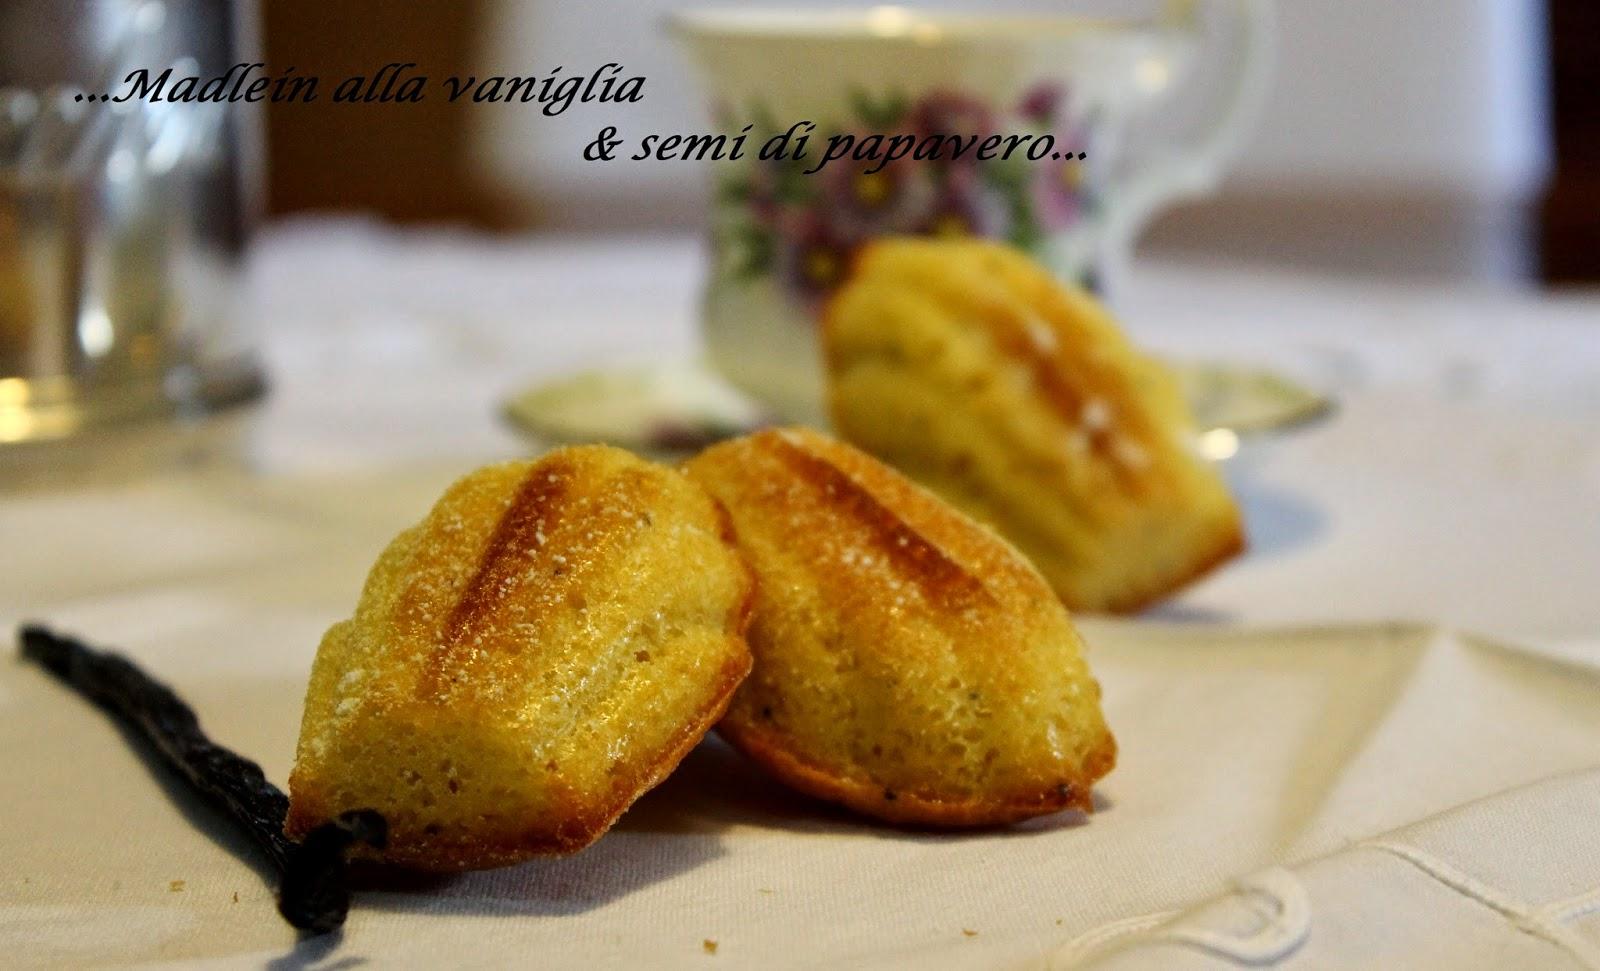 Madeleine alla vaniglia e semi di papavero